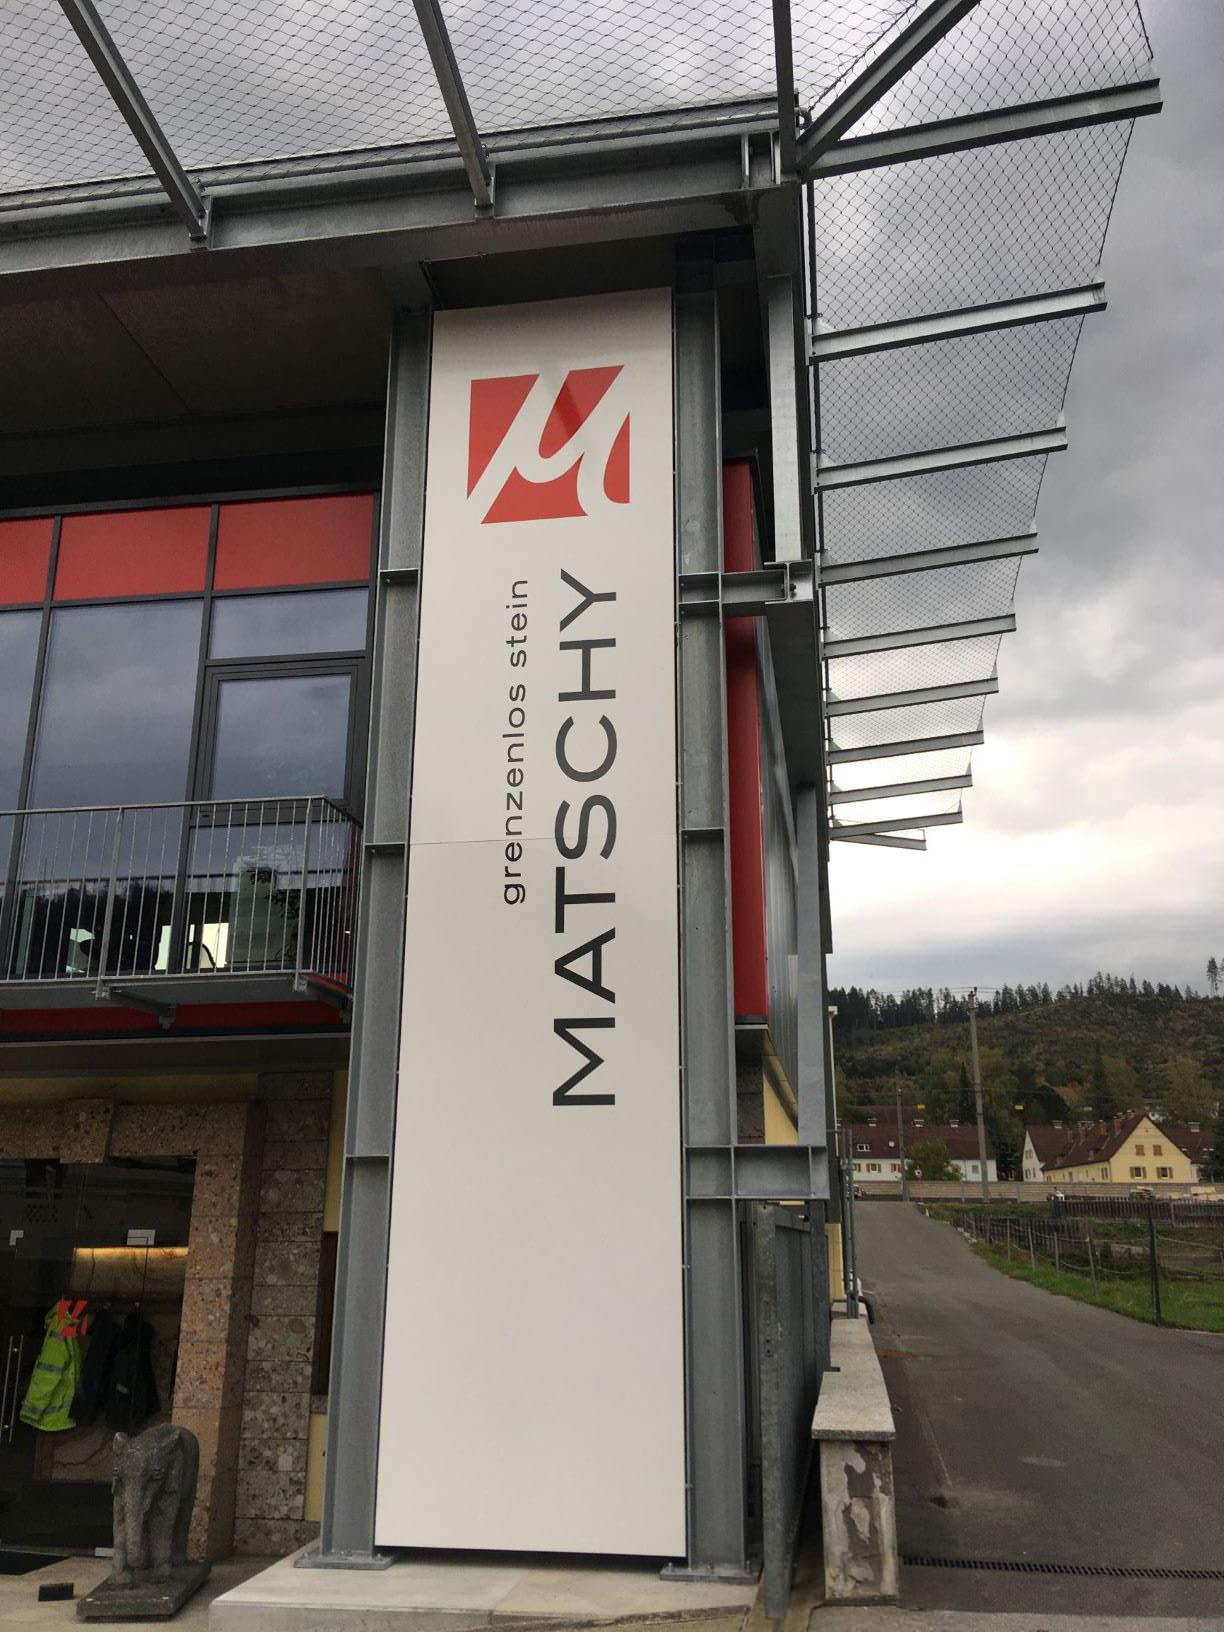 Marken-Schärfung Matschy GmbH [grenzenlos stein]